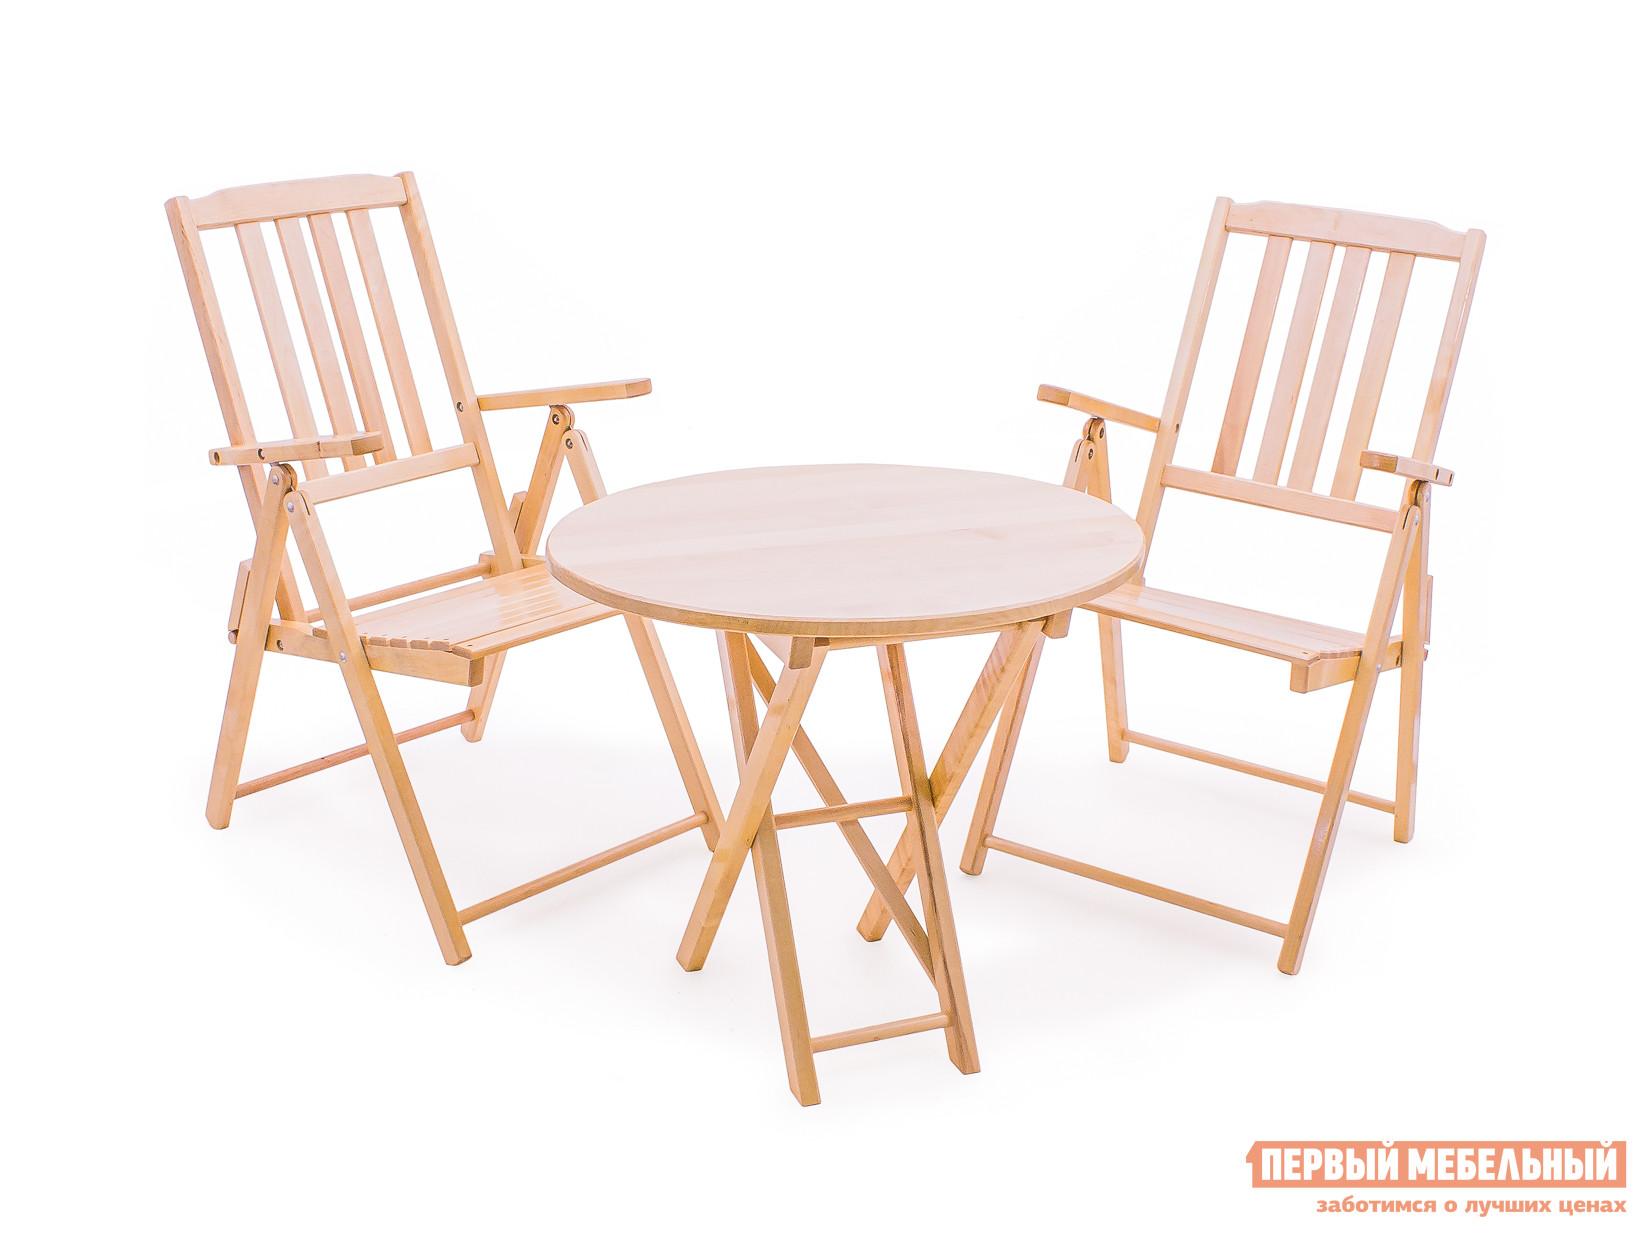 Комплект садовой мебели СМКА Комфорт СМ047Б, 2 шт+СМ049Б Береза, 650 мм